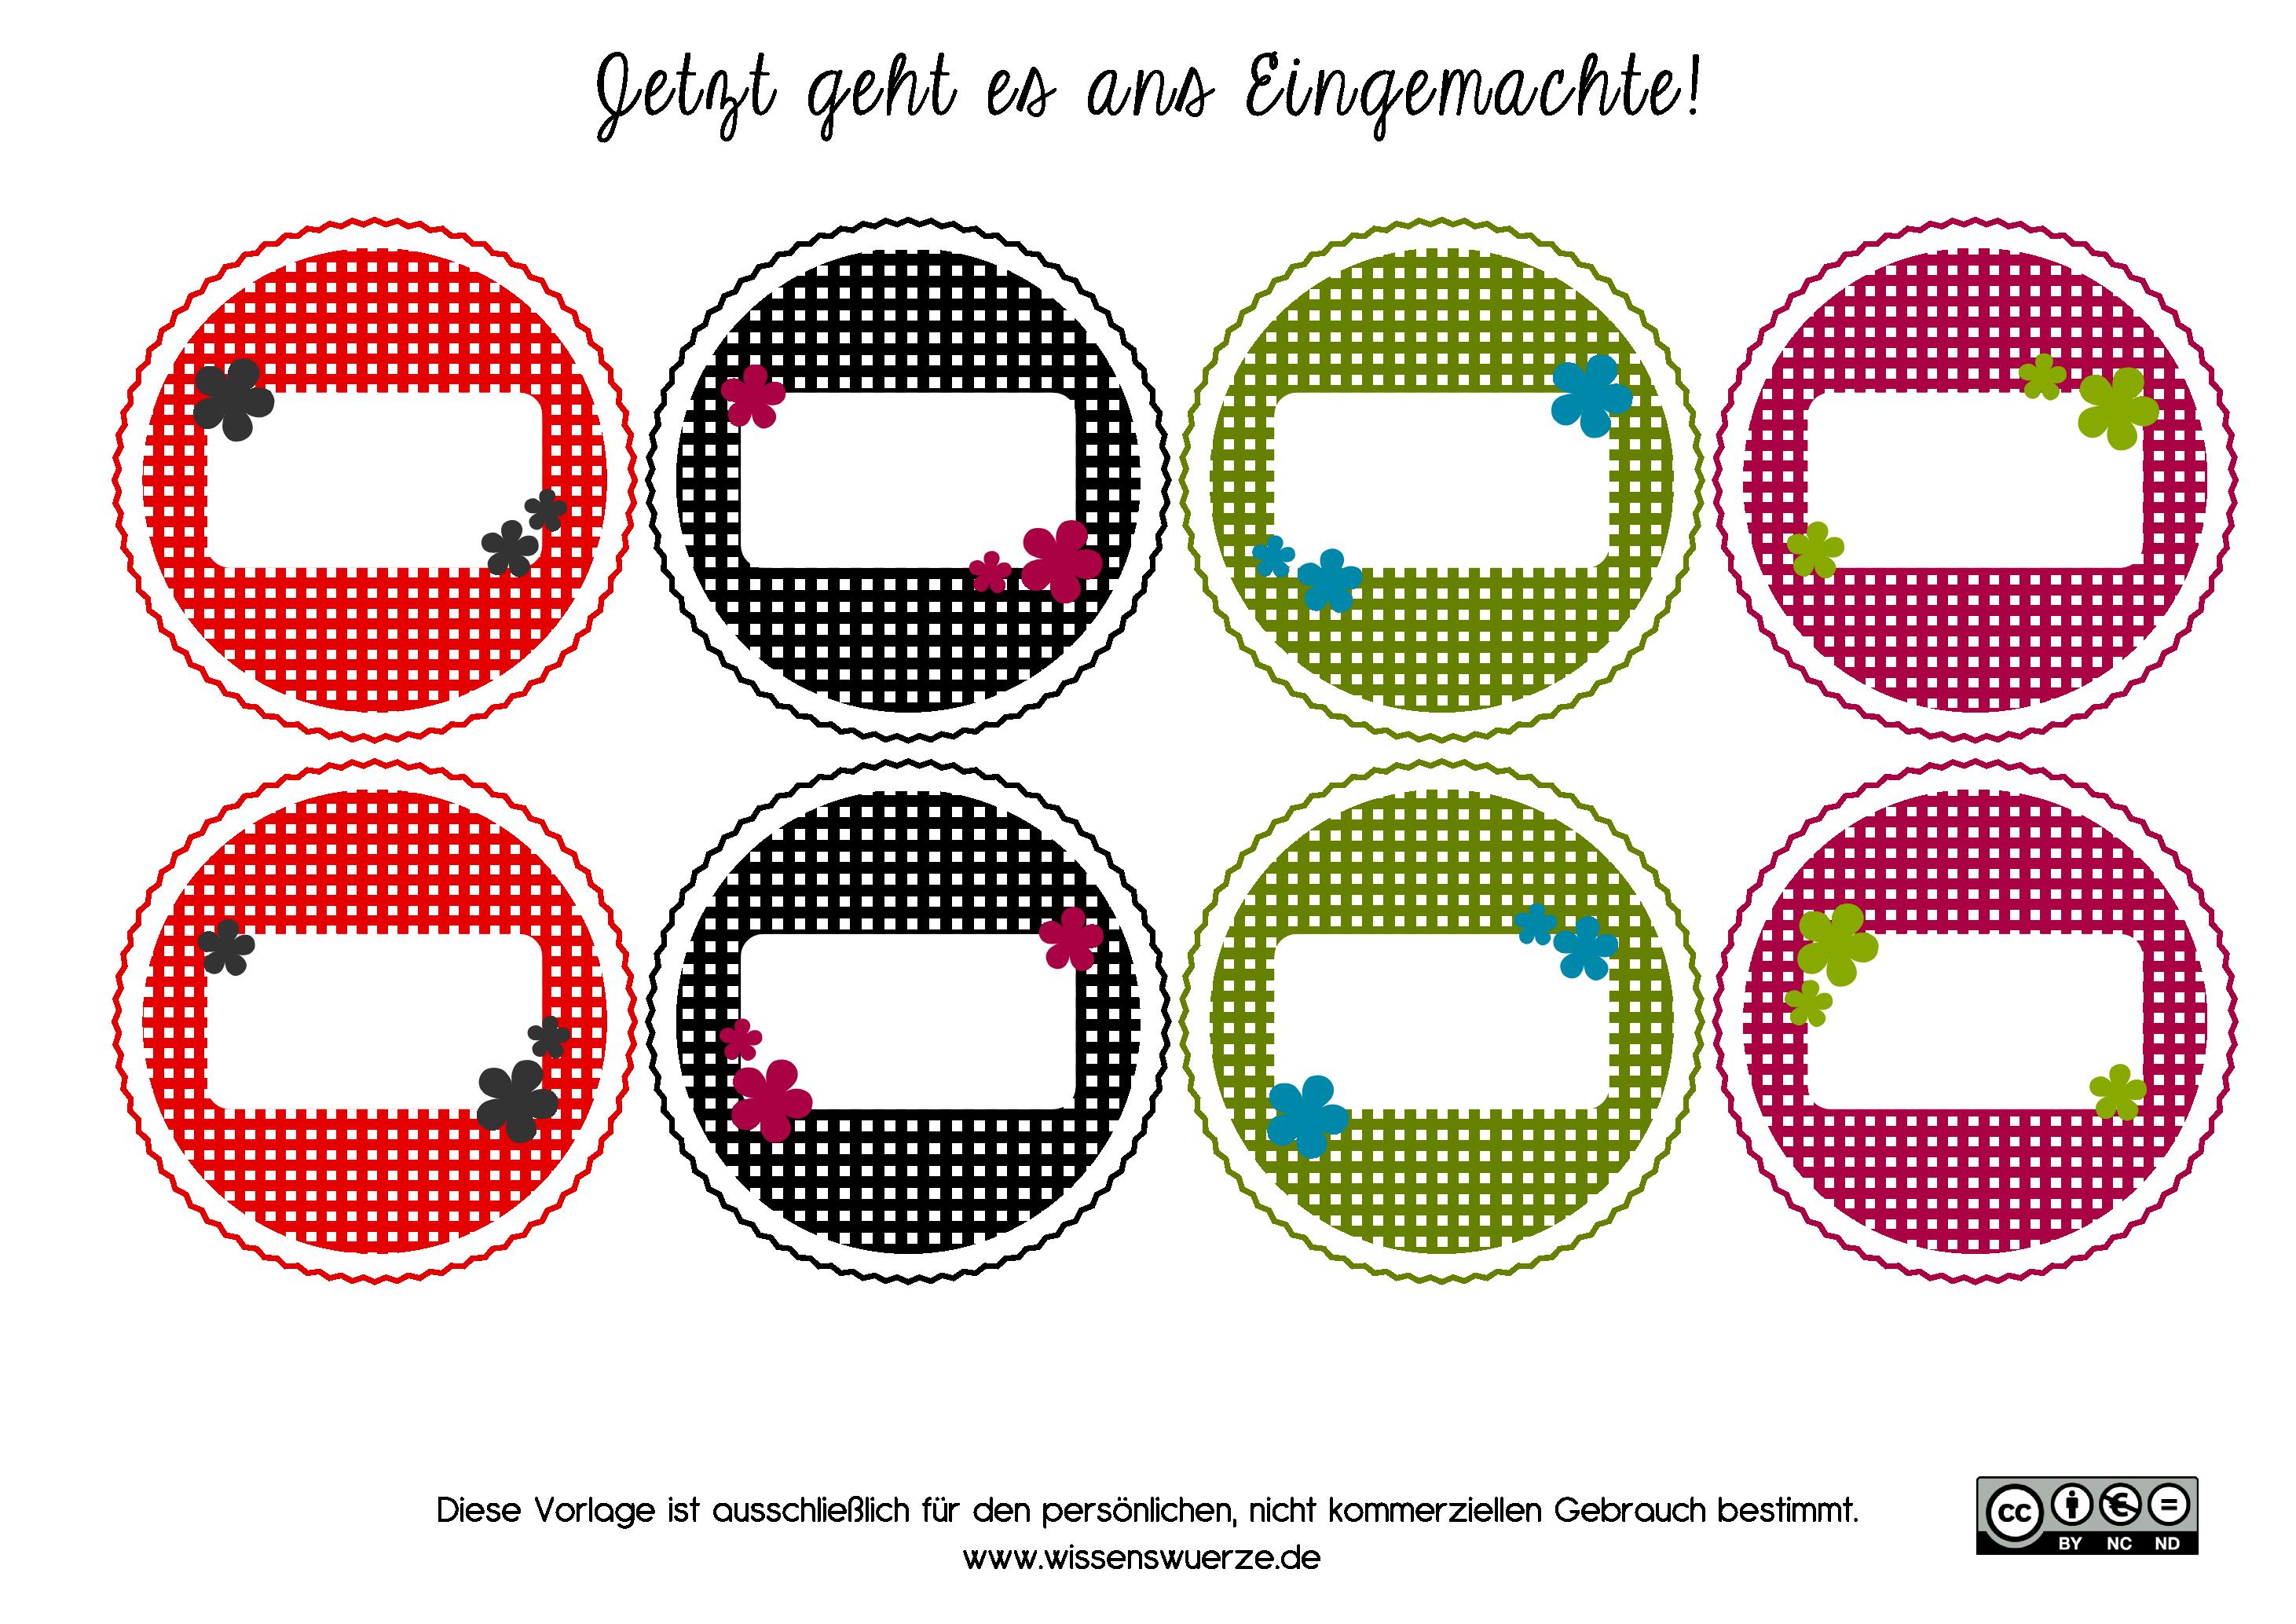 Webseite Im Wartungsmodus Druckbare Etiketten Etiketten Vorlagen Etiketten Vorlagen Kostenlos